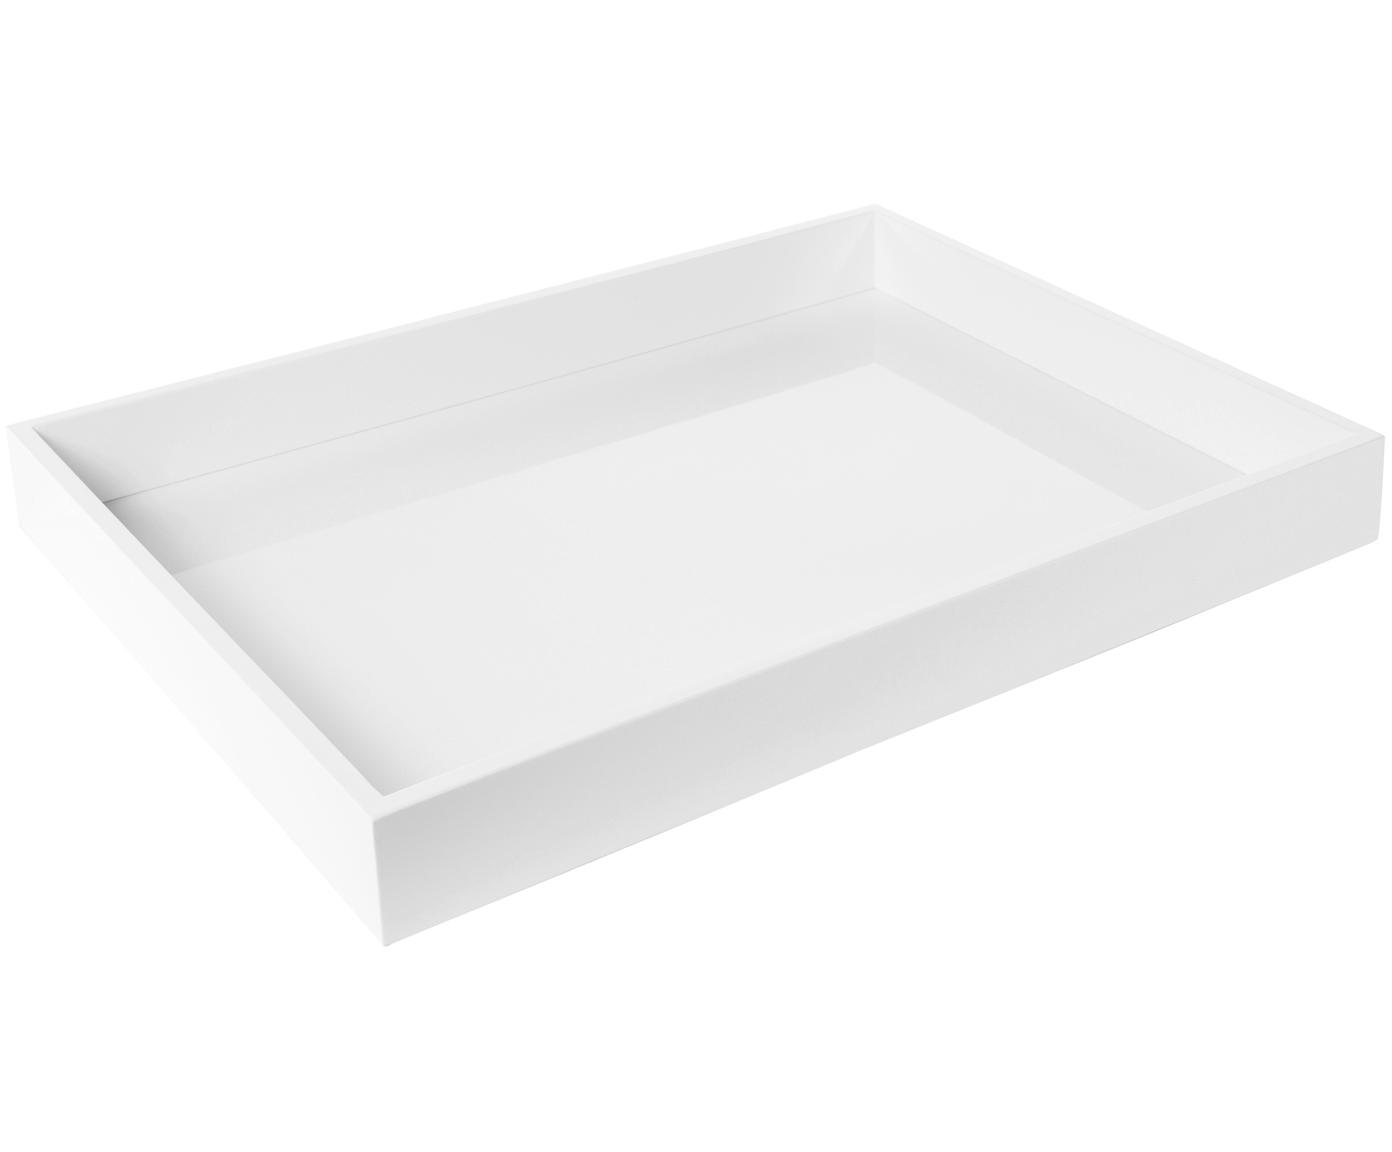 Taca Tracy, Biały, S 50 x G 35 cm